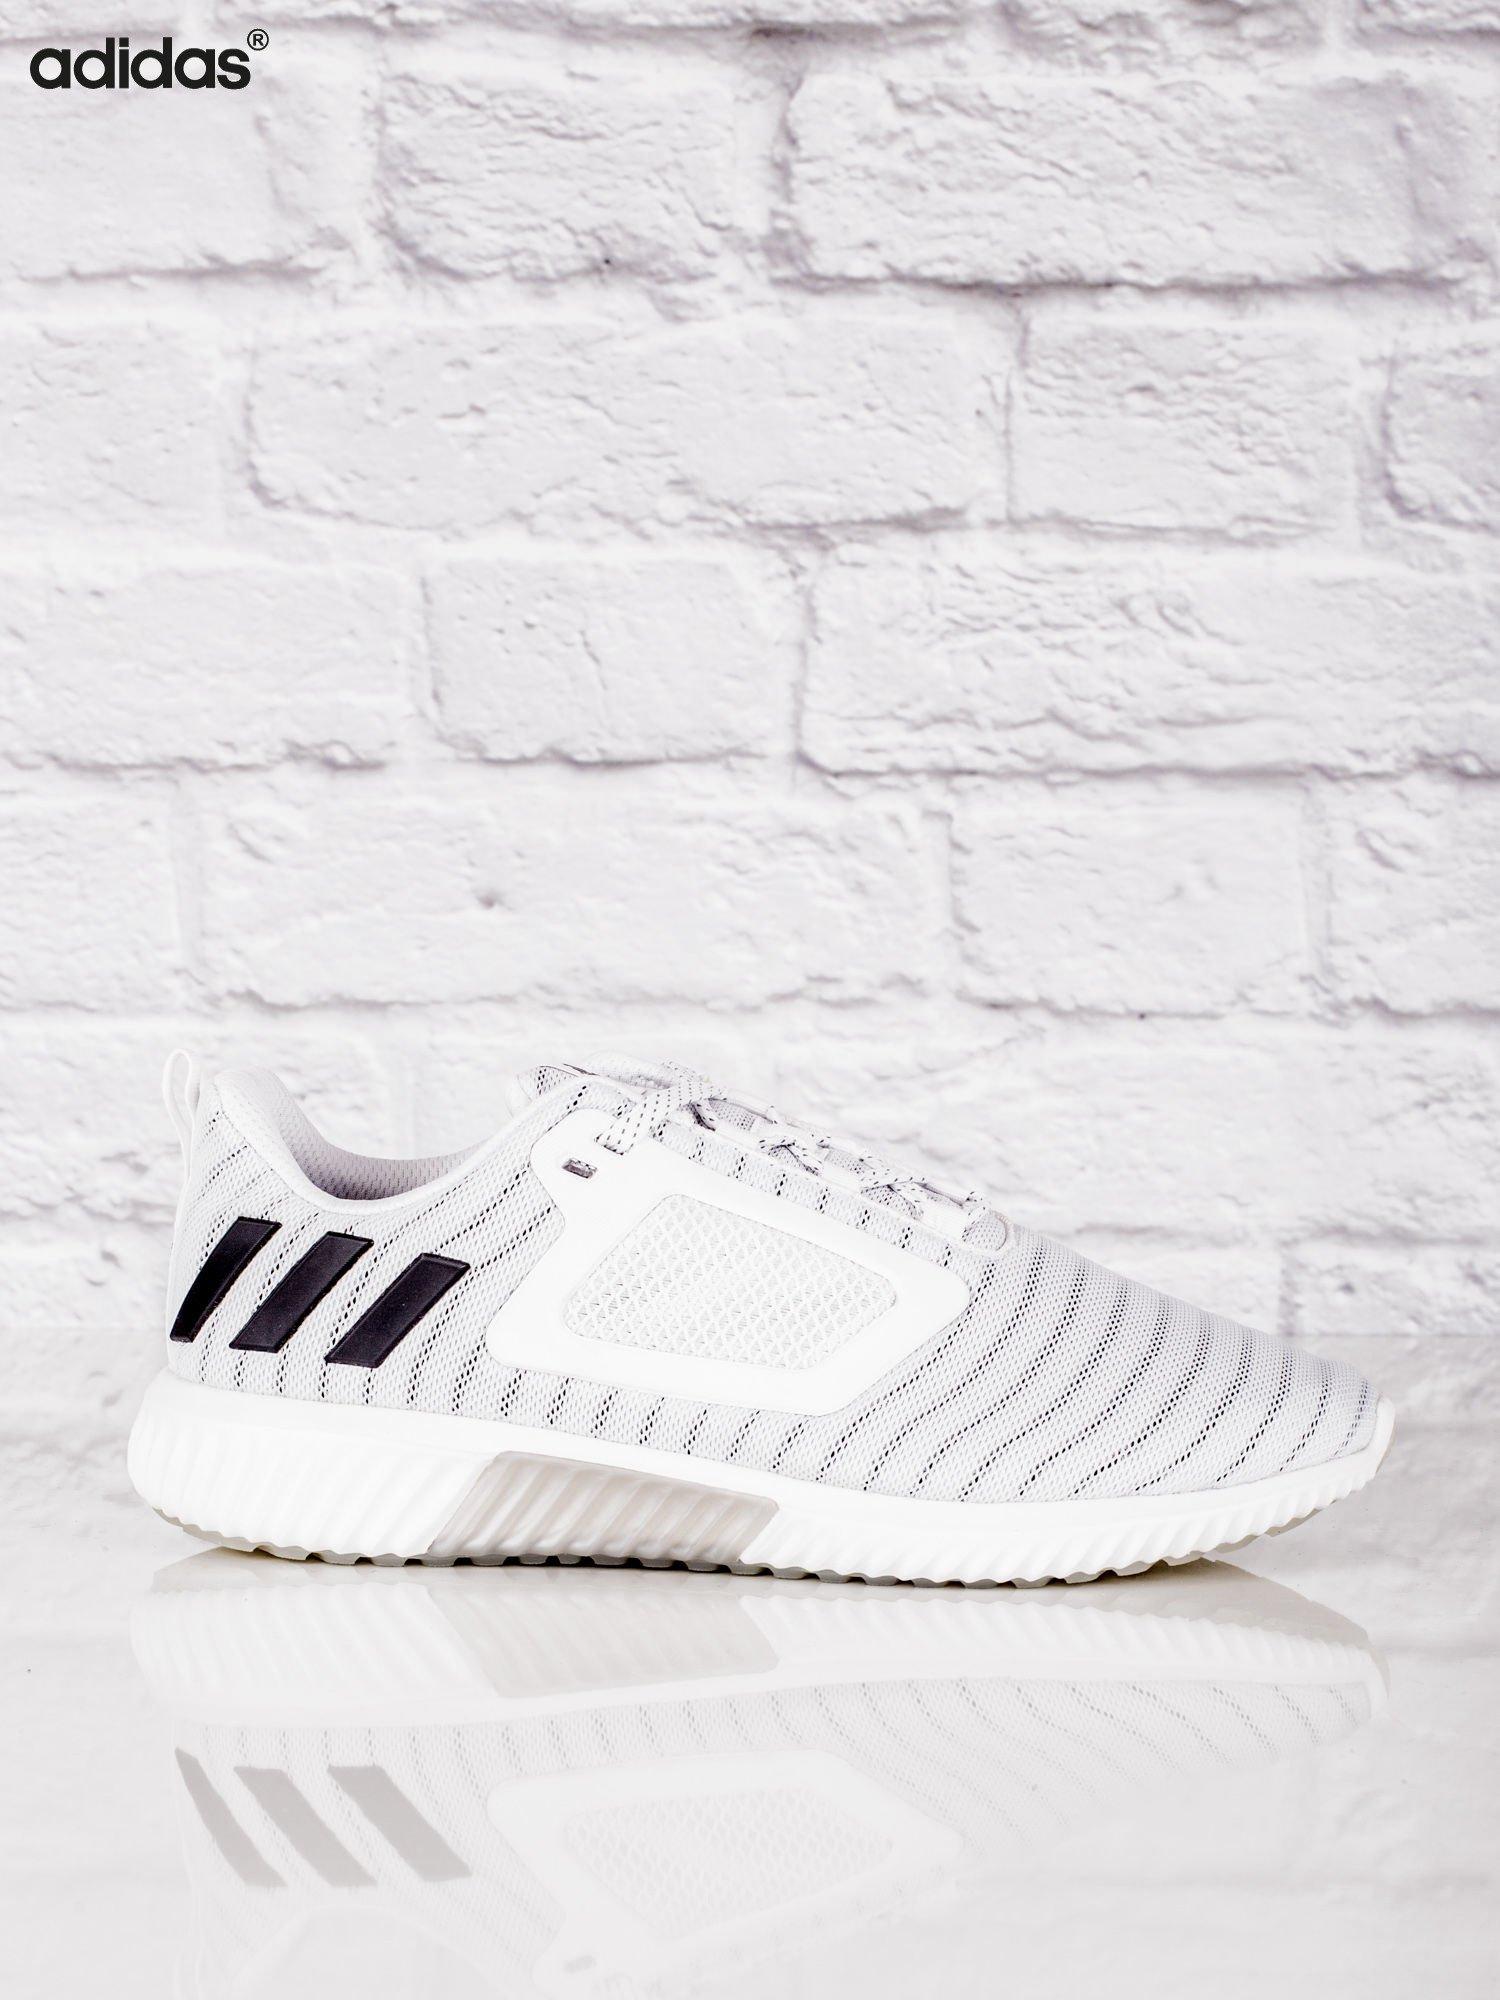 f1d28092 ADIDAS Białe męskie buty sportowe Climacool cm - Mężczyźni Buty ...